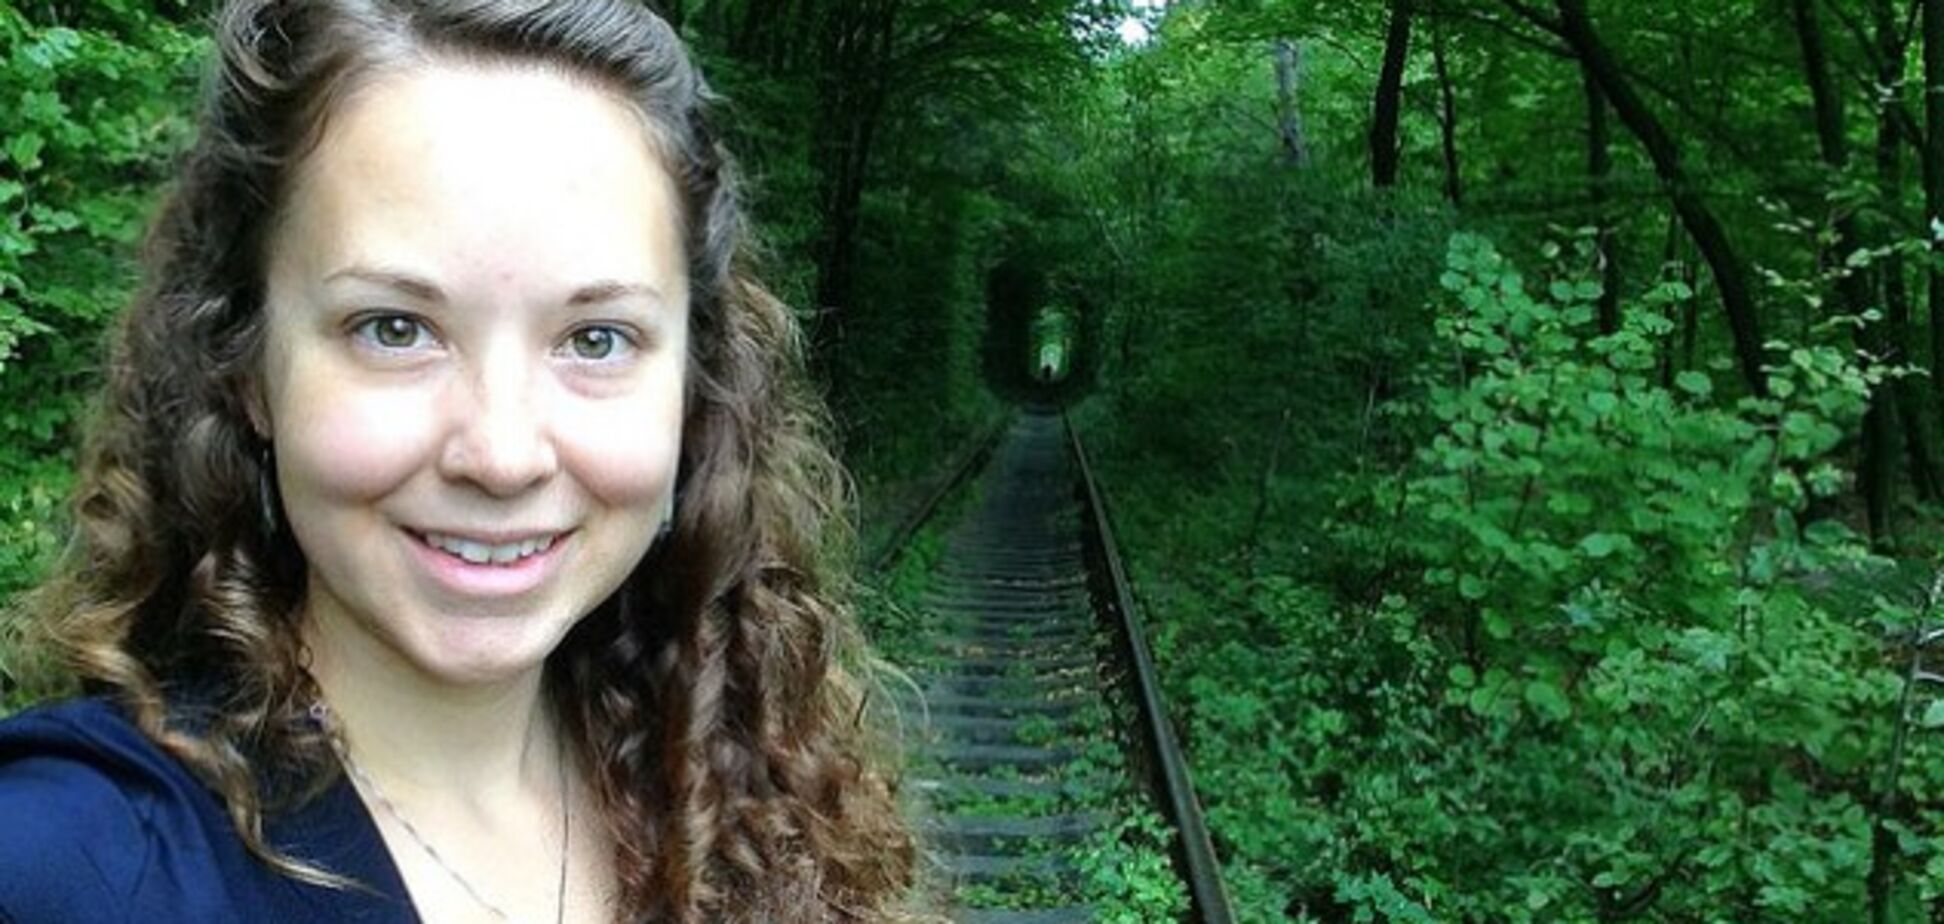 Сходить на свидание в Киеве было вызовом: американка о жизни в столице